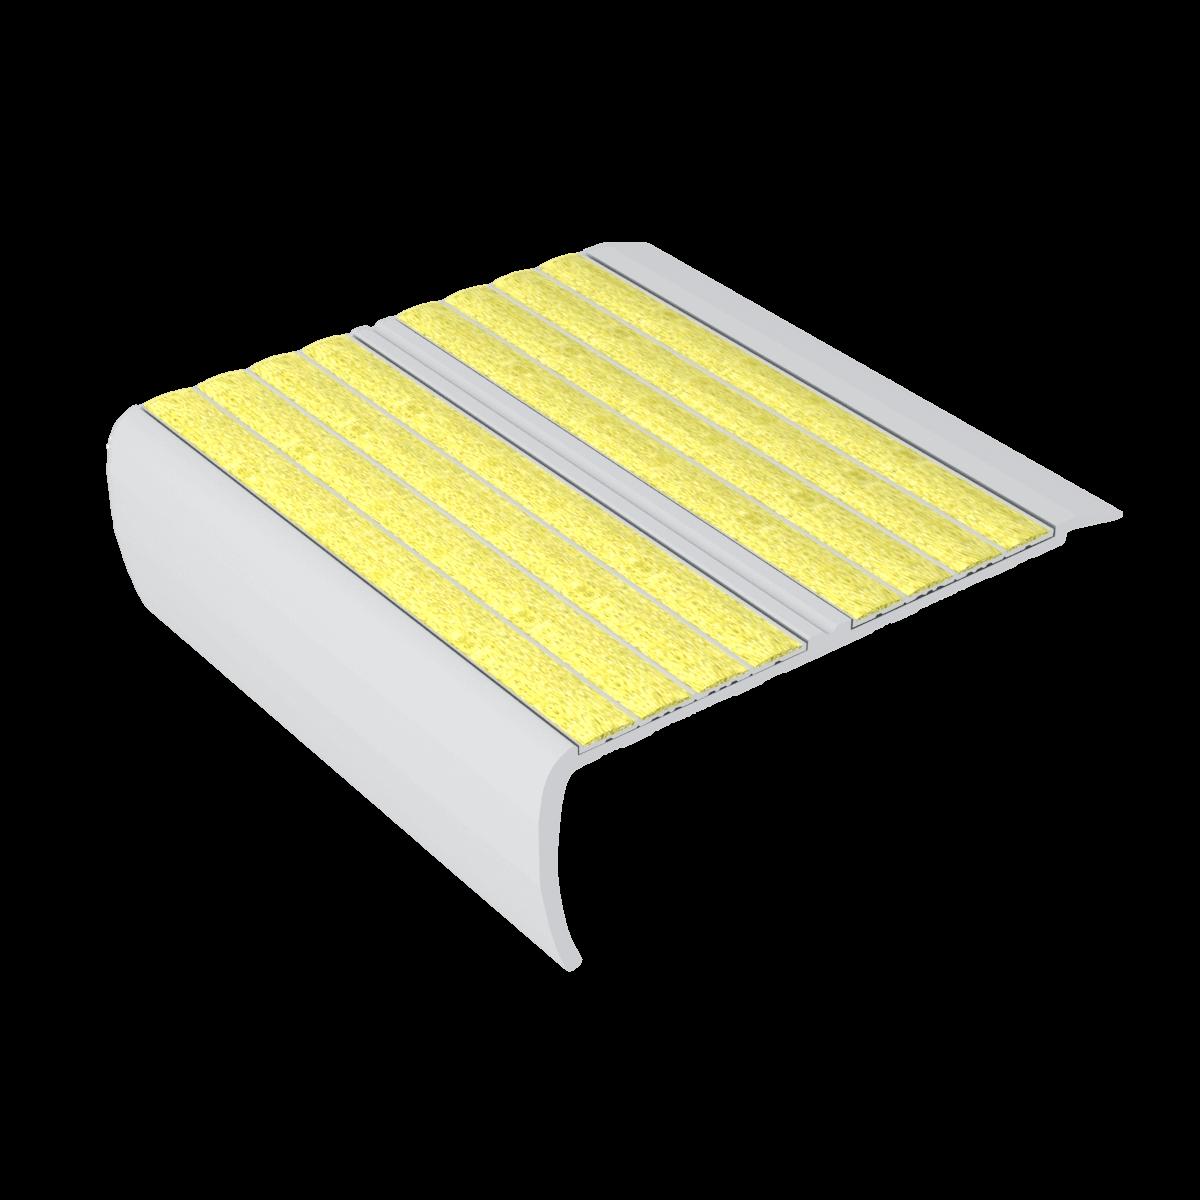 RF5 flat stair nosings